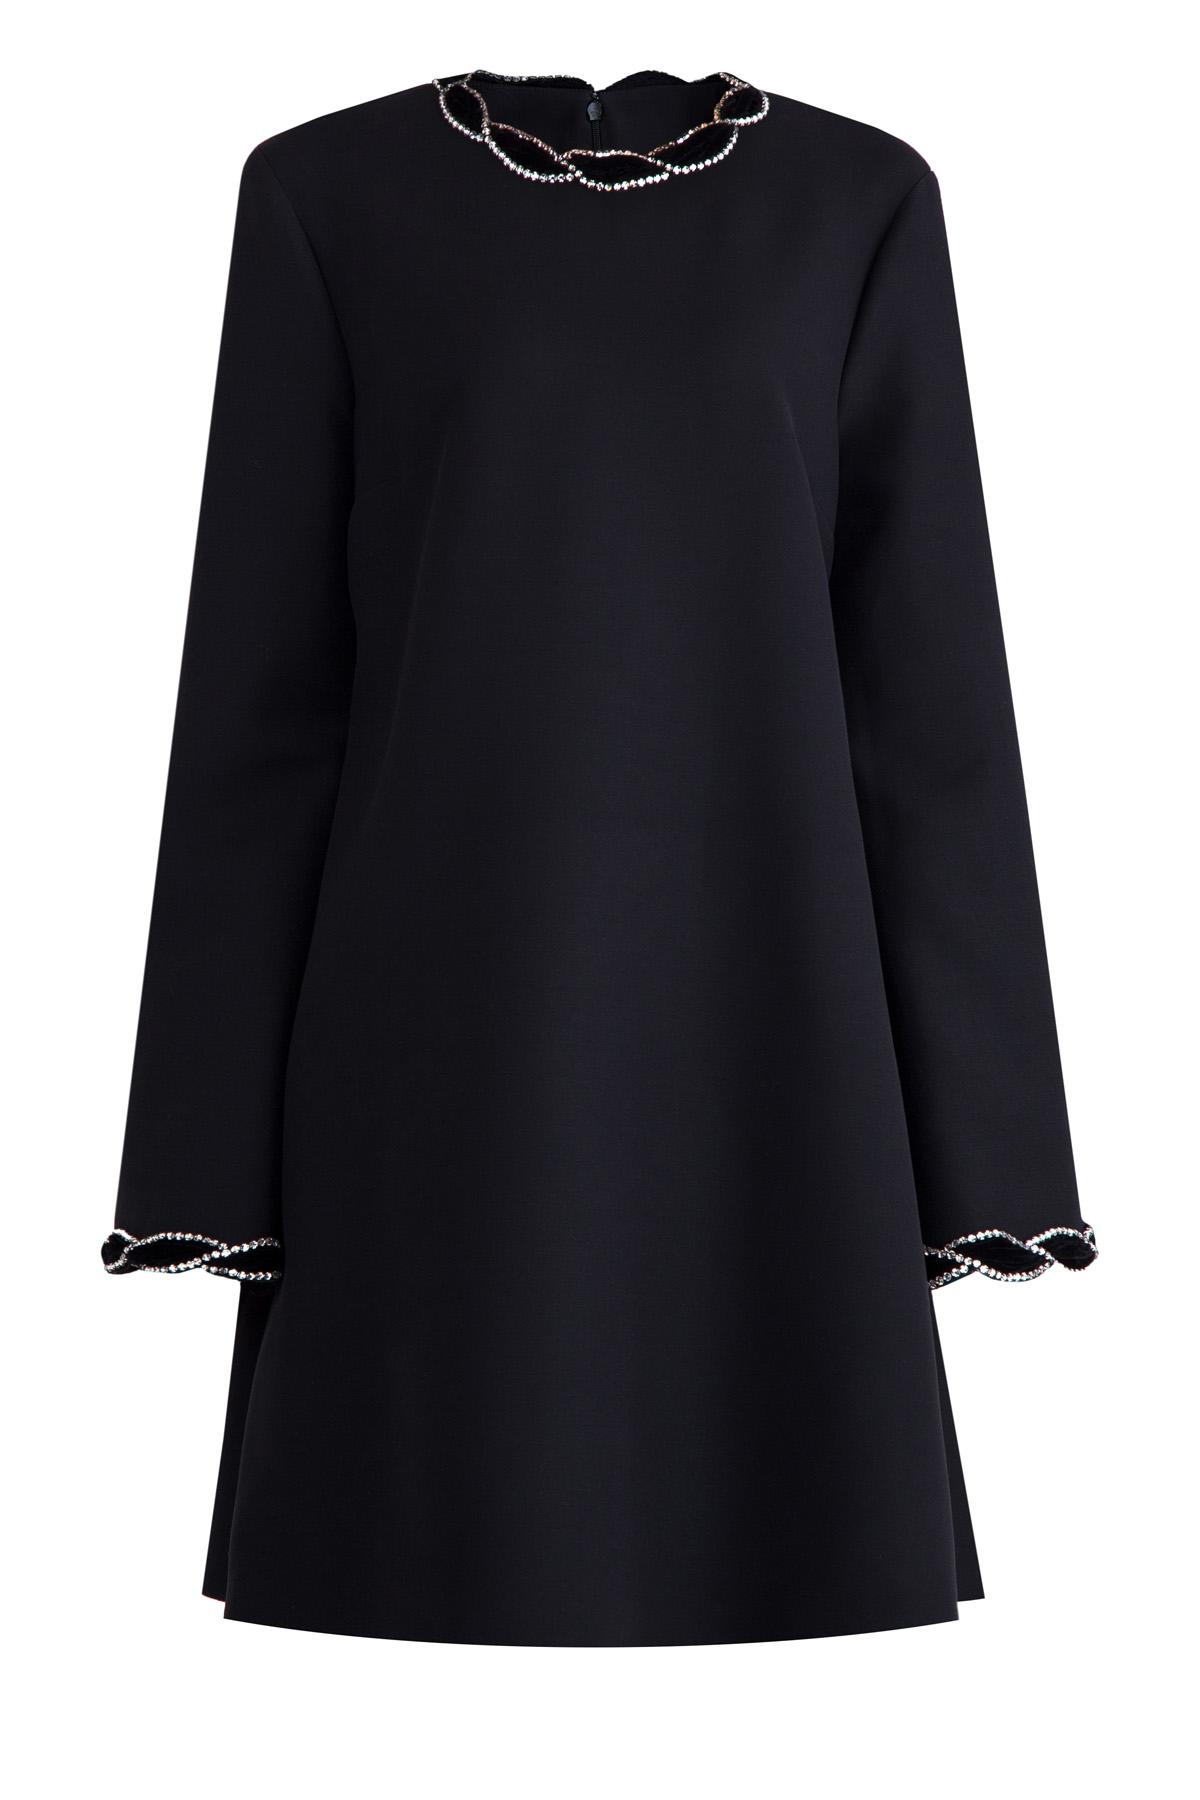 Платье из шерсти и шелка с перекрученной бархатной отделкой фото